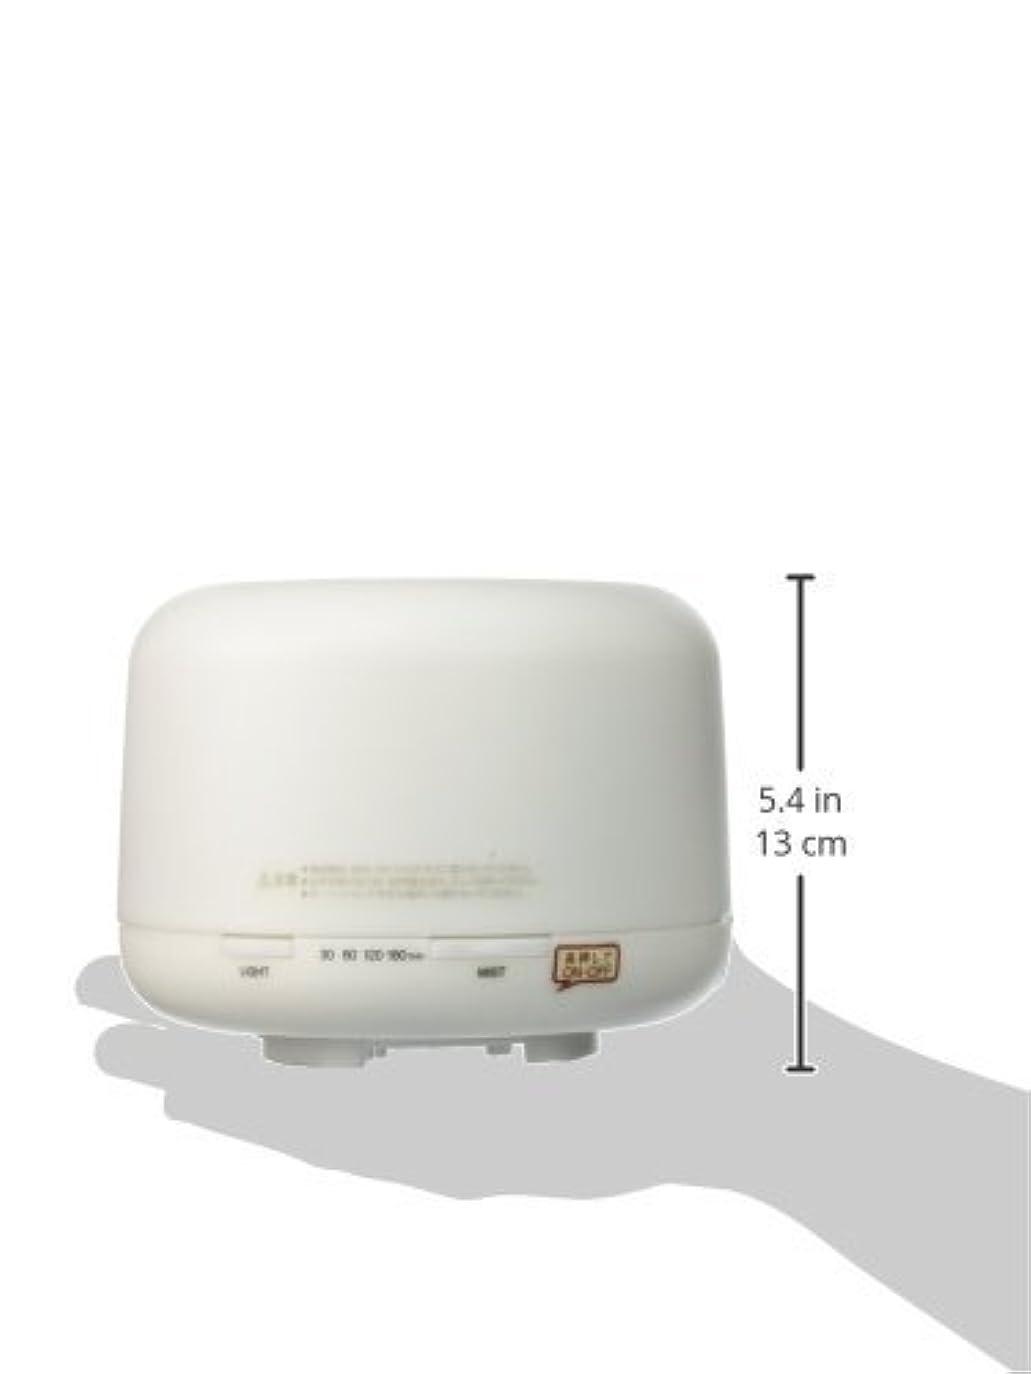 タクシー湿った遮る【無印良品】 超音波うるおいアロマディフューザー HAD-001-JPW